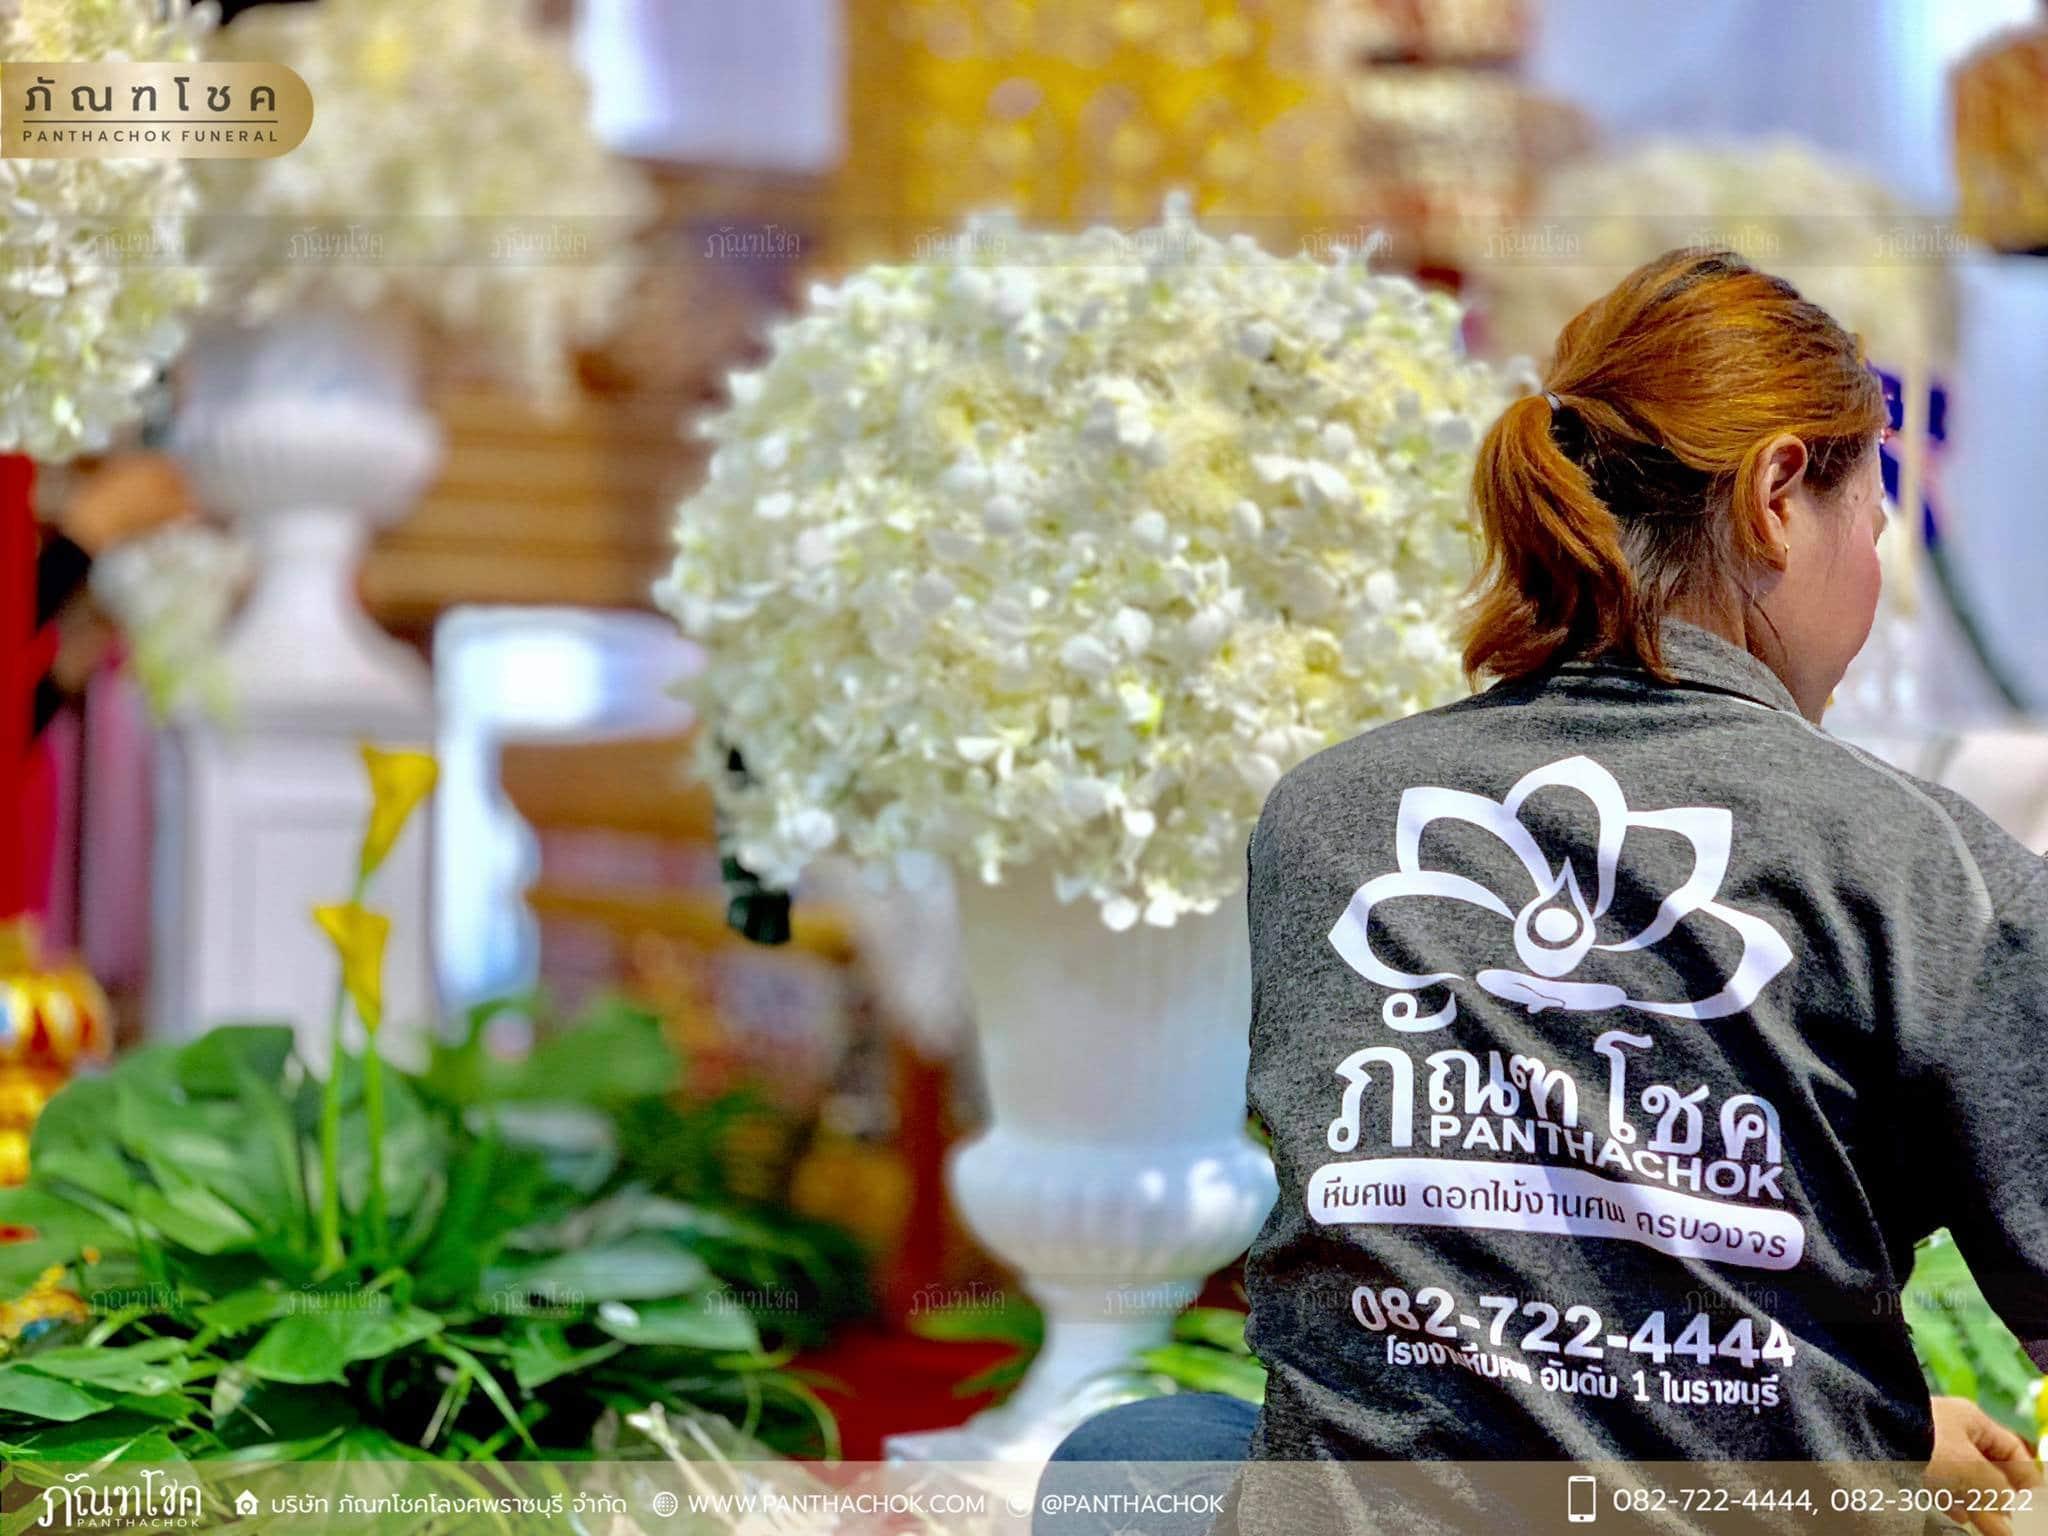 ดอกไม้ประดับหน้าโกศ อดีตผู้ว่าราชการจังหวัดราชบุรี 7